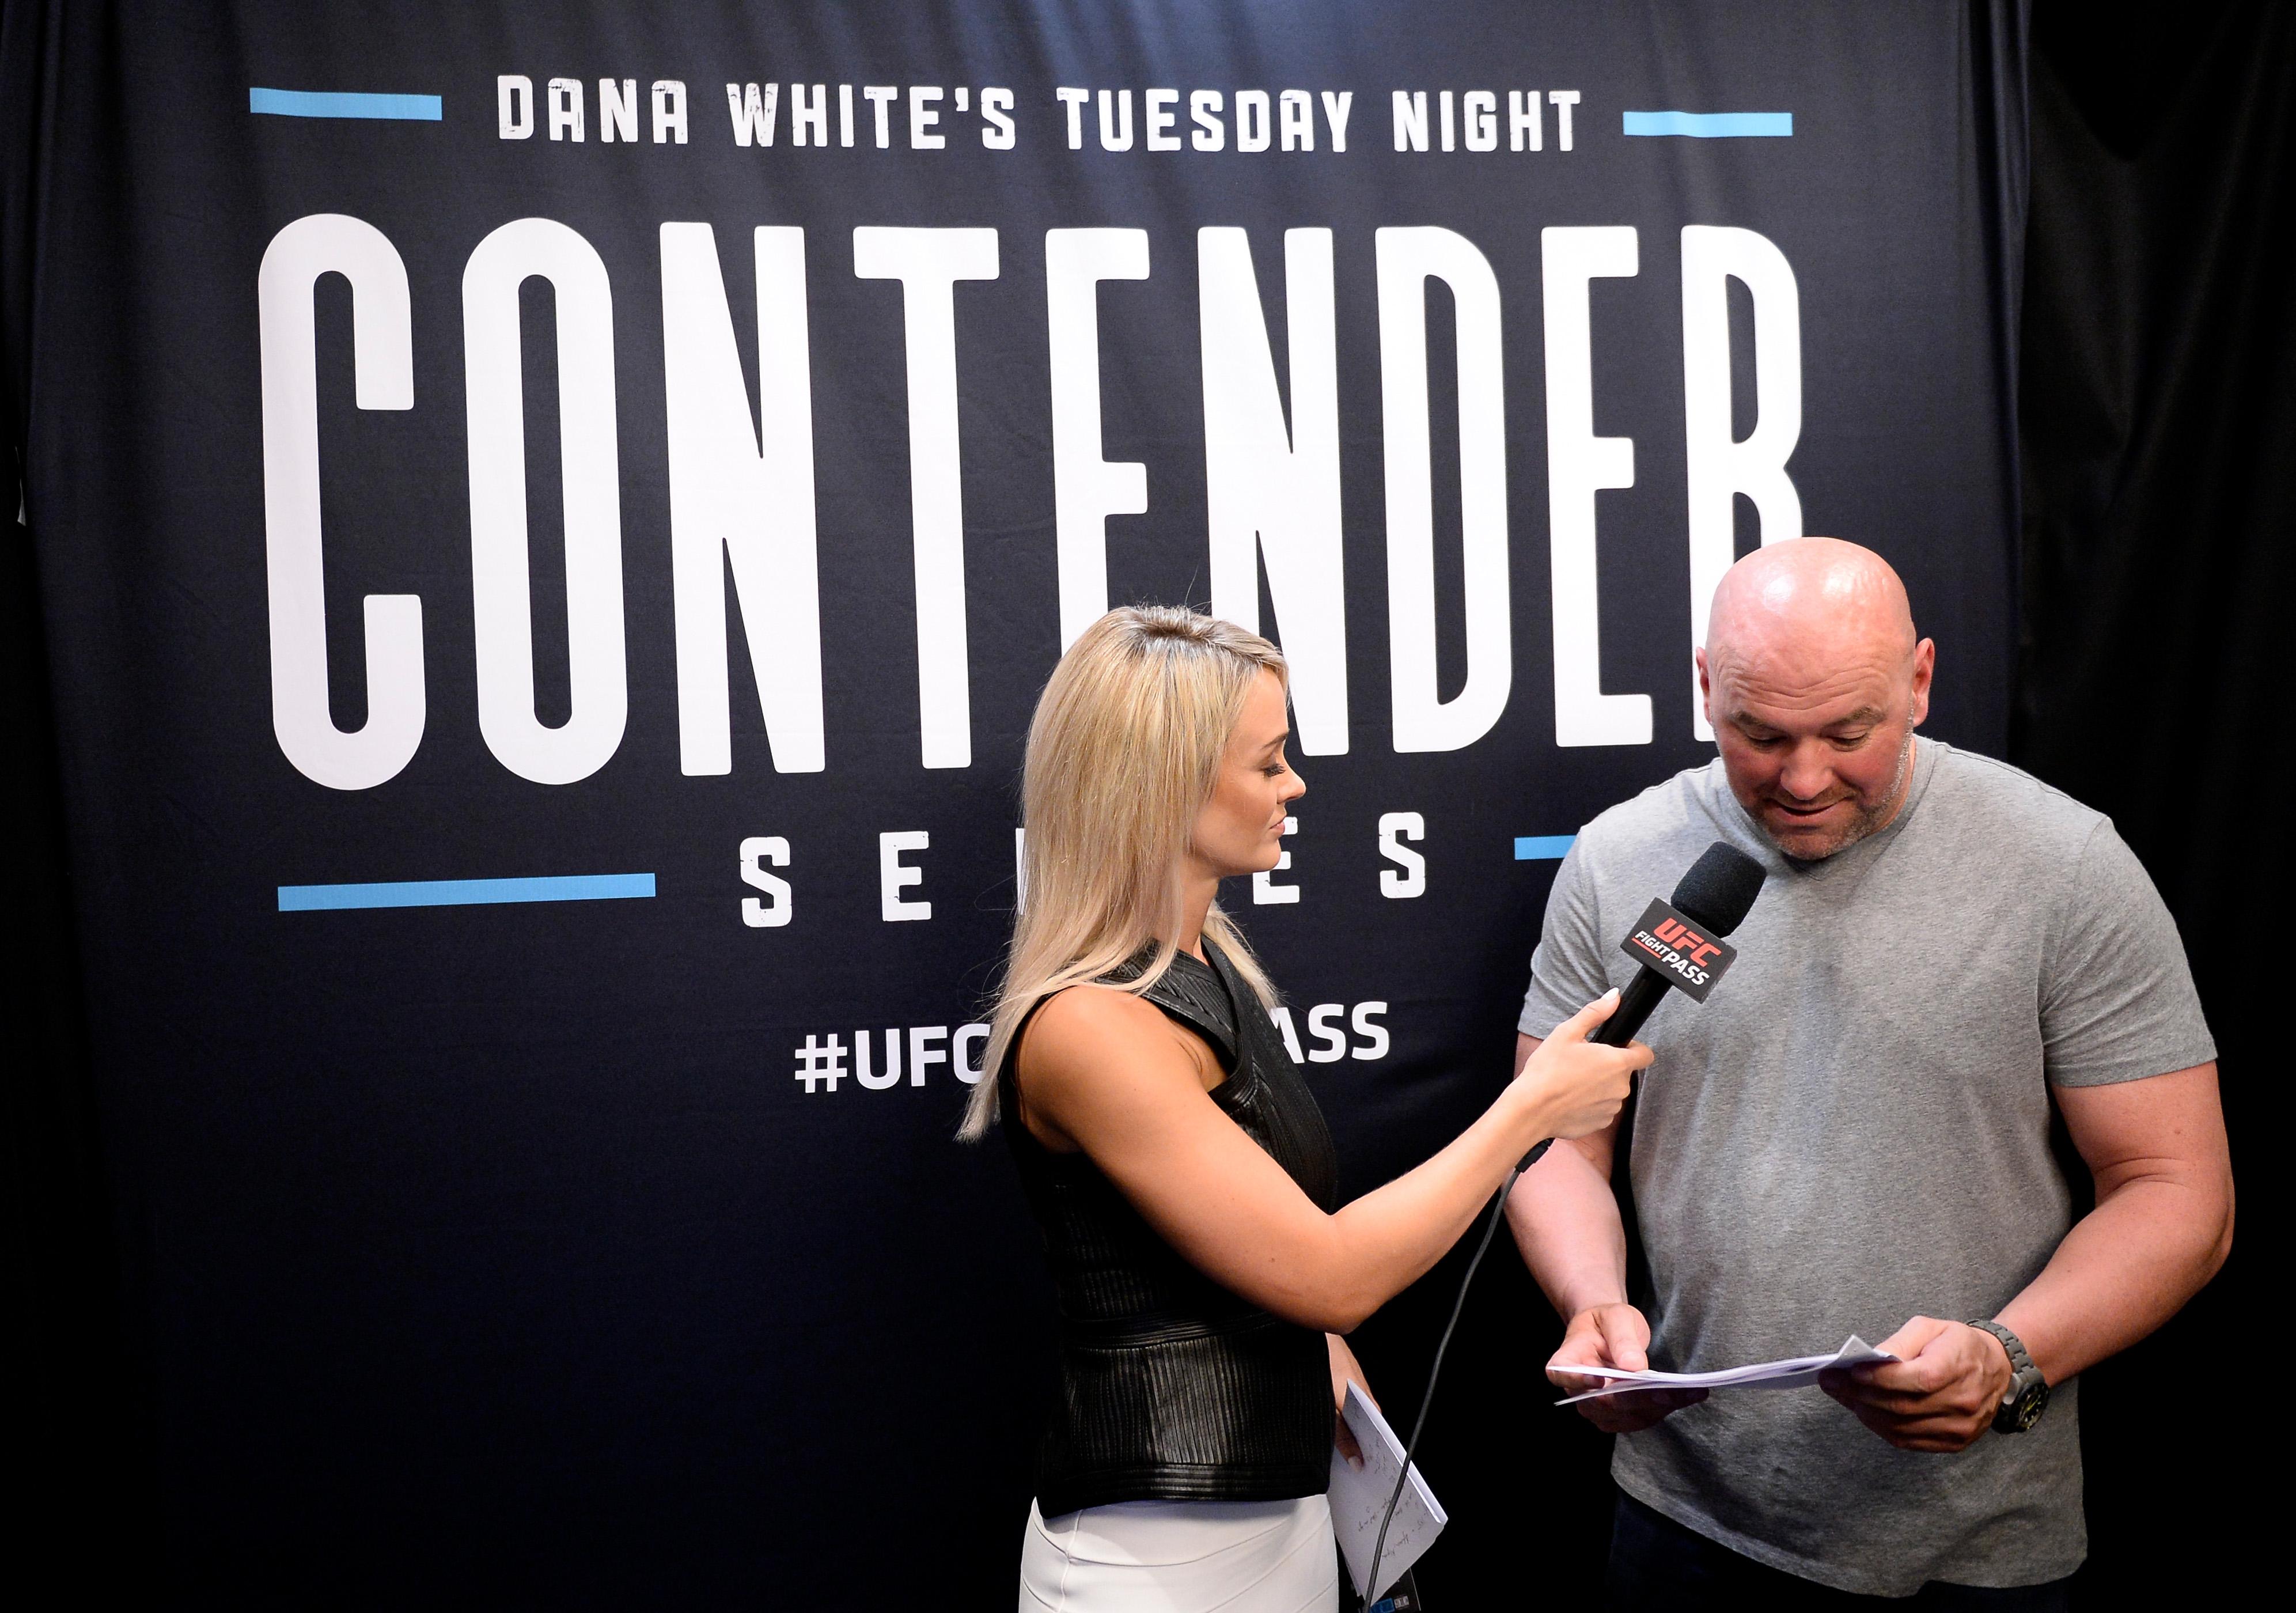 Dana White's Tuesday Night Contender Series: Newell v Munoz